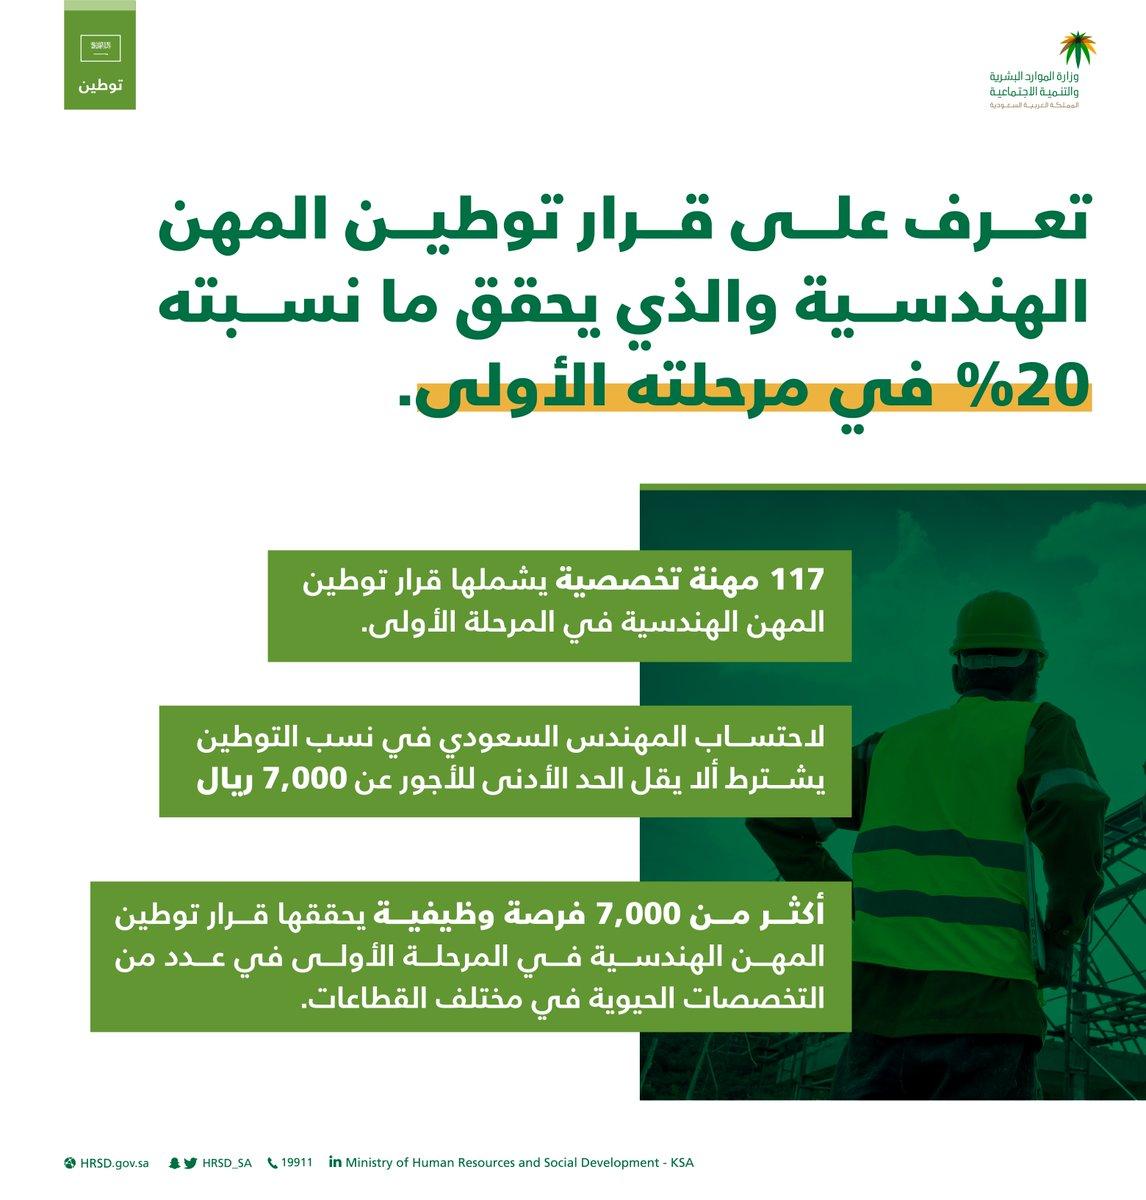 وزارة الموارد البشرية والتنمية الاجتماعية On Twitter تعرف على قرار توطين المهن الهندسية مكملين توطين